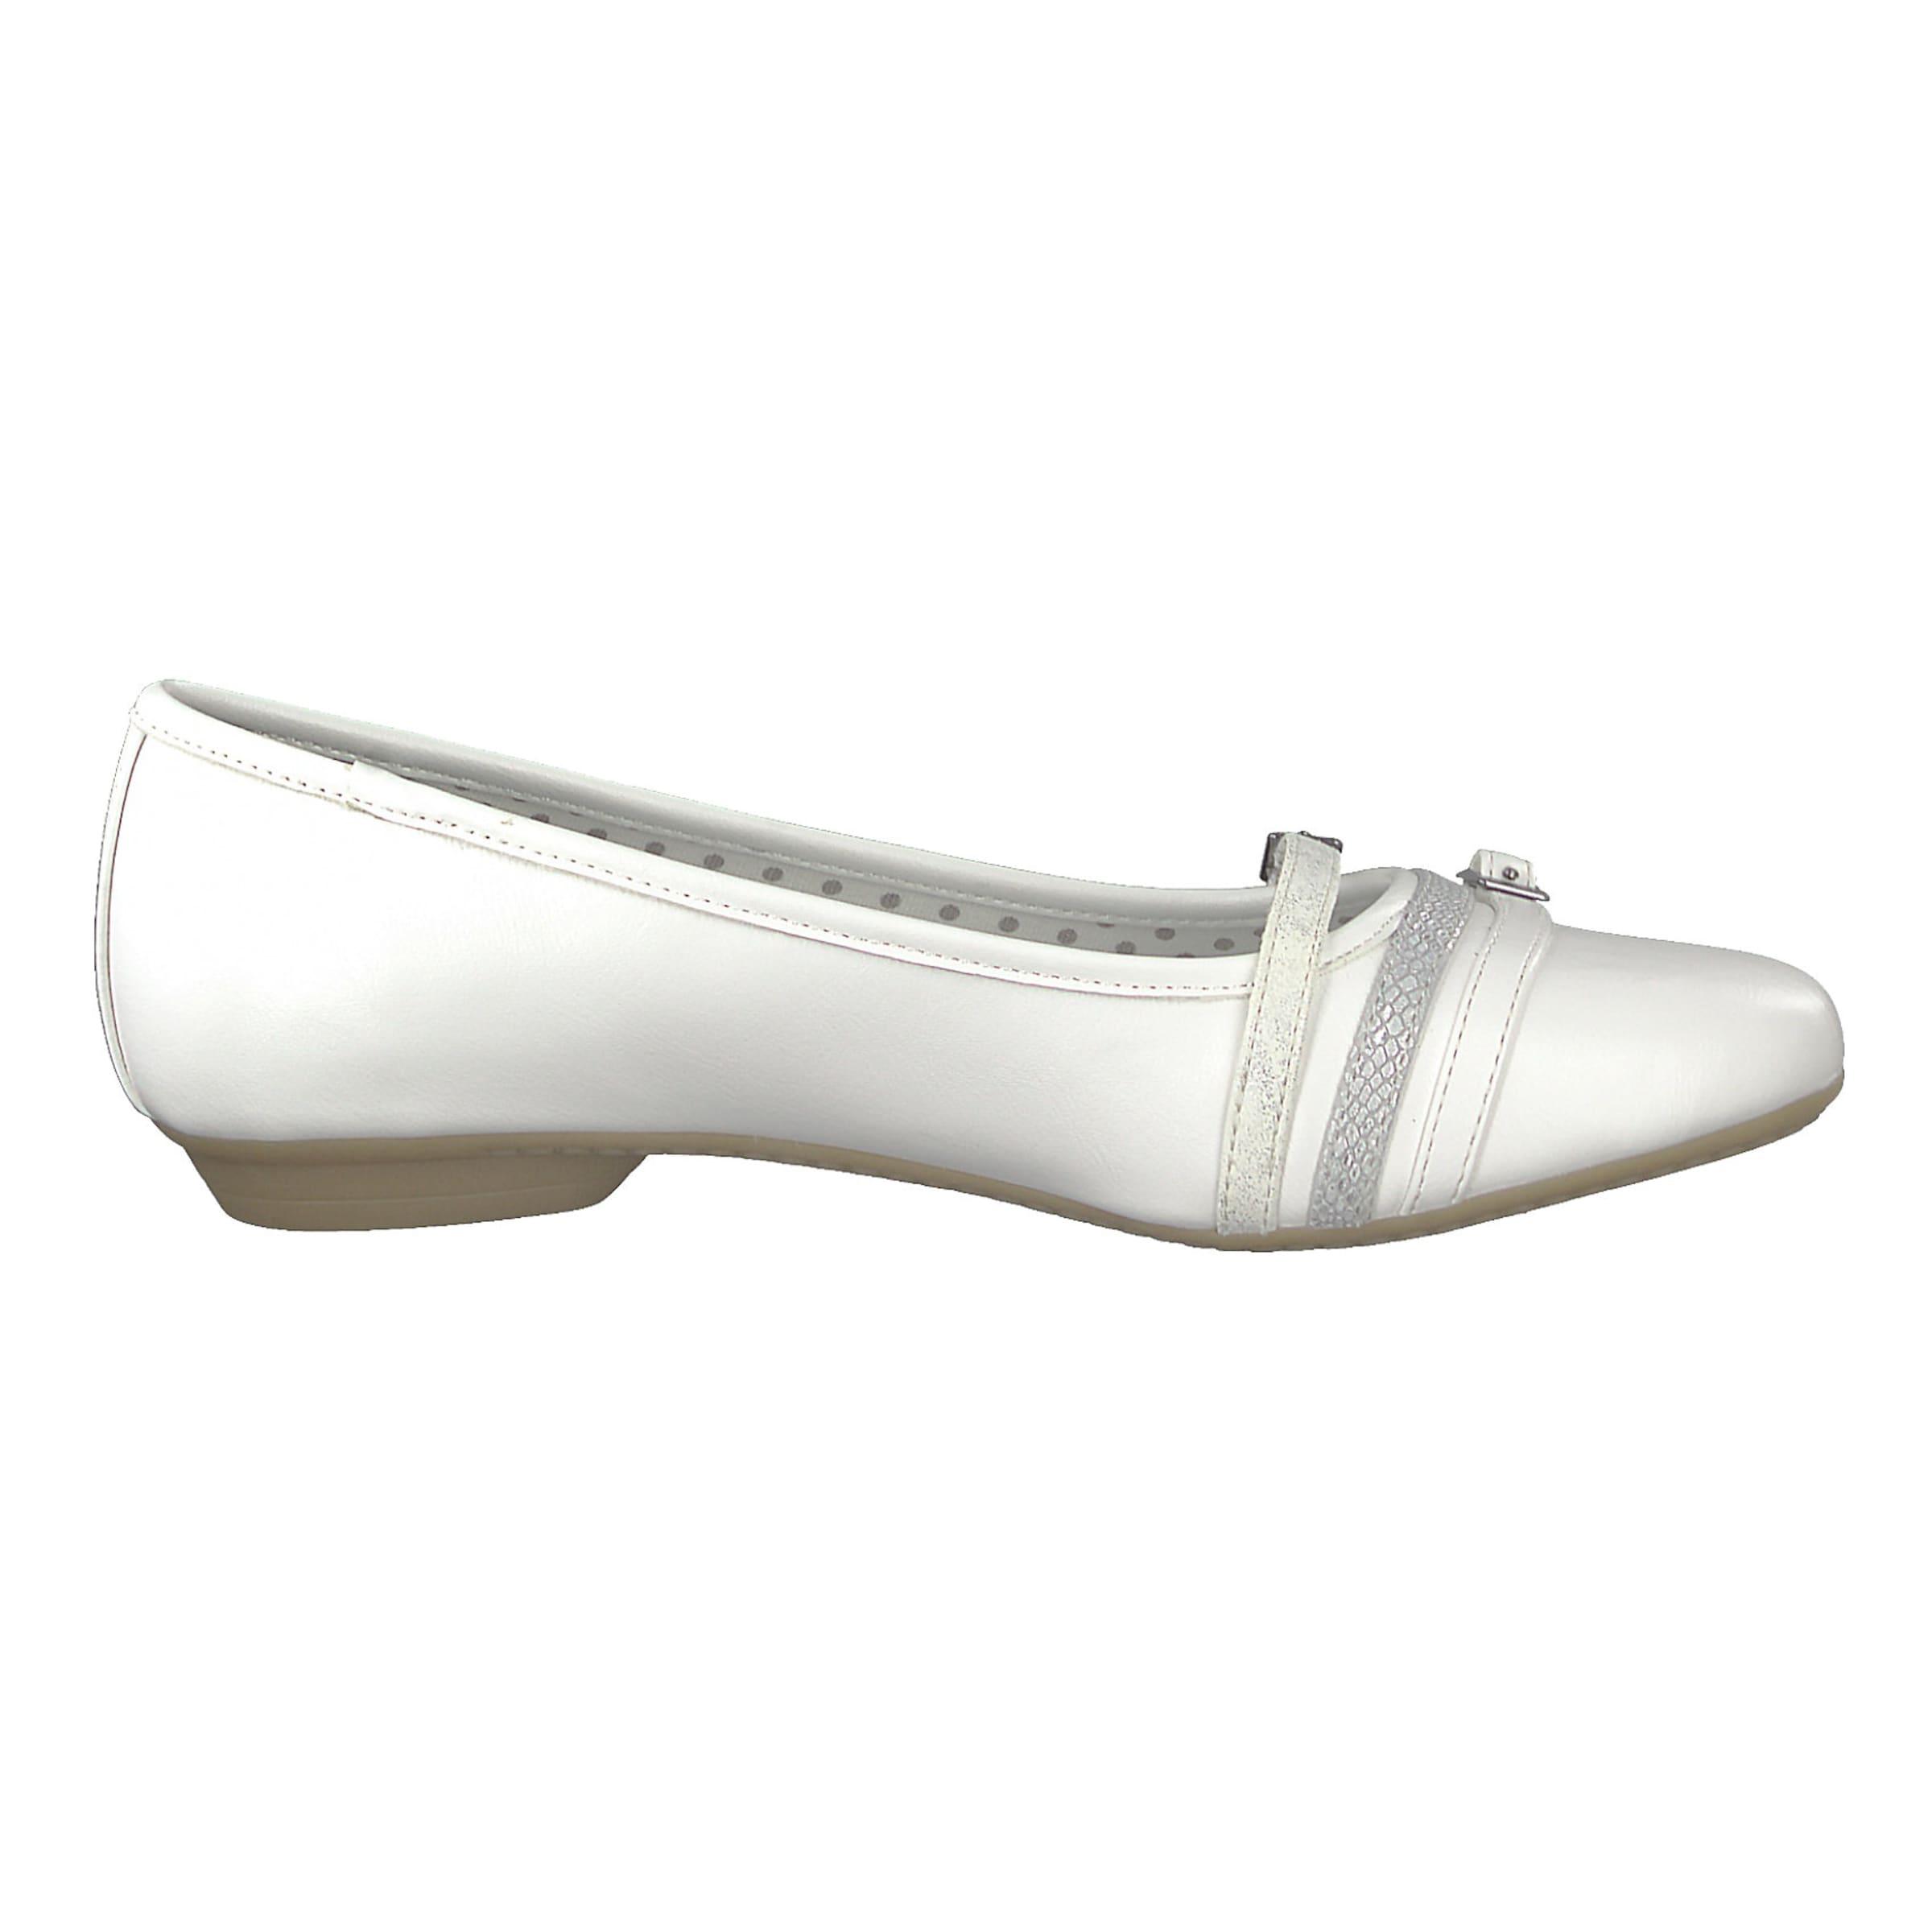 In Weiß oliver S S Ballerina oliver jpqMVzLSUG